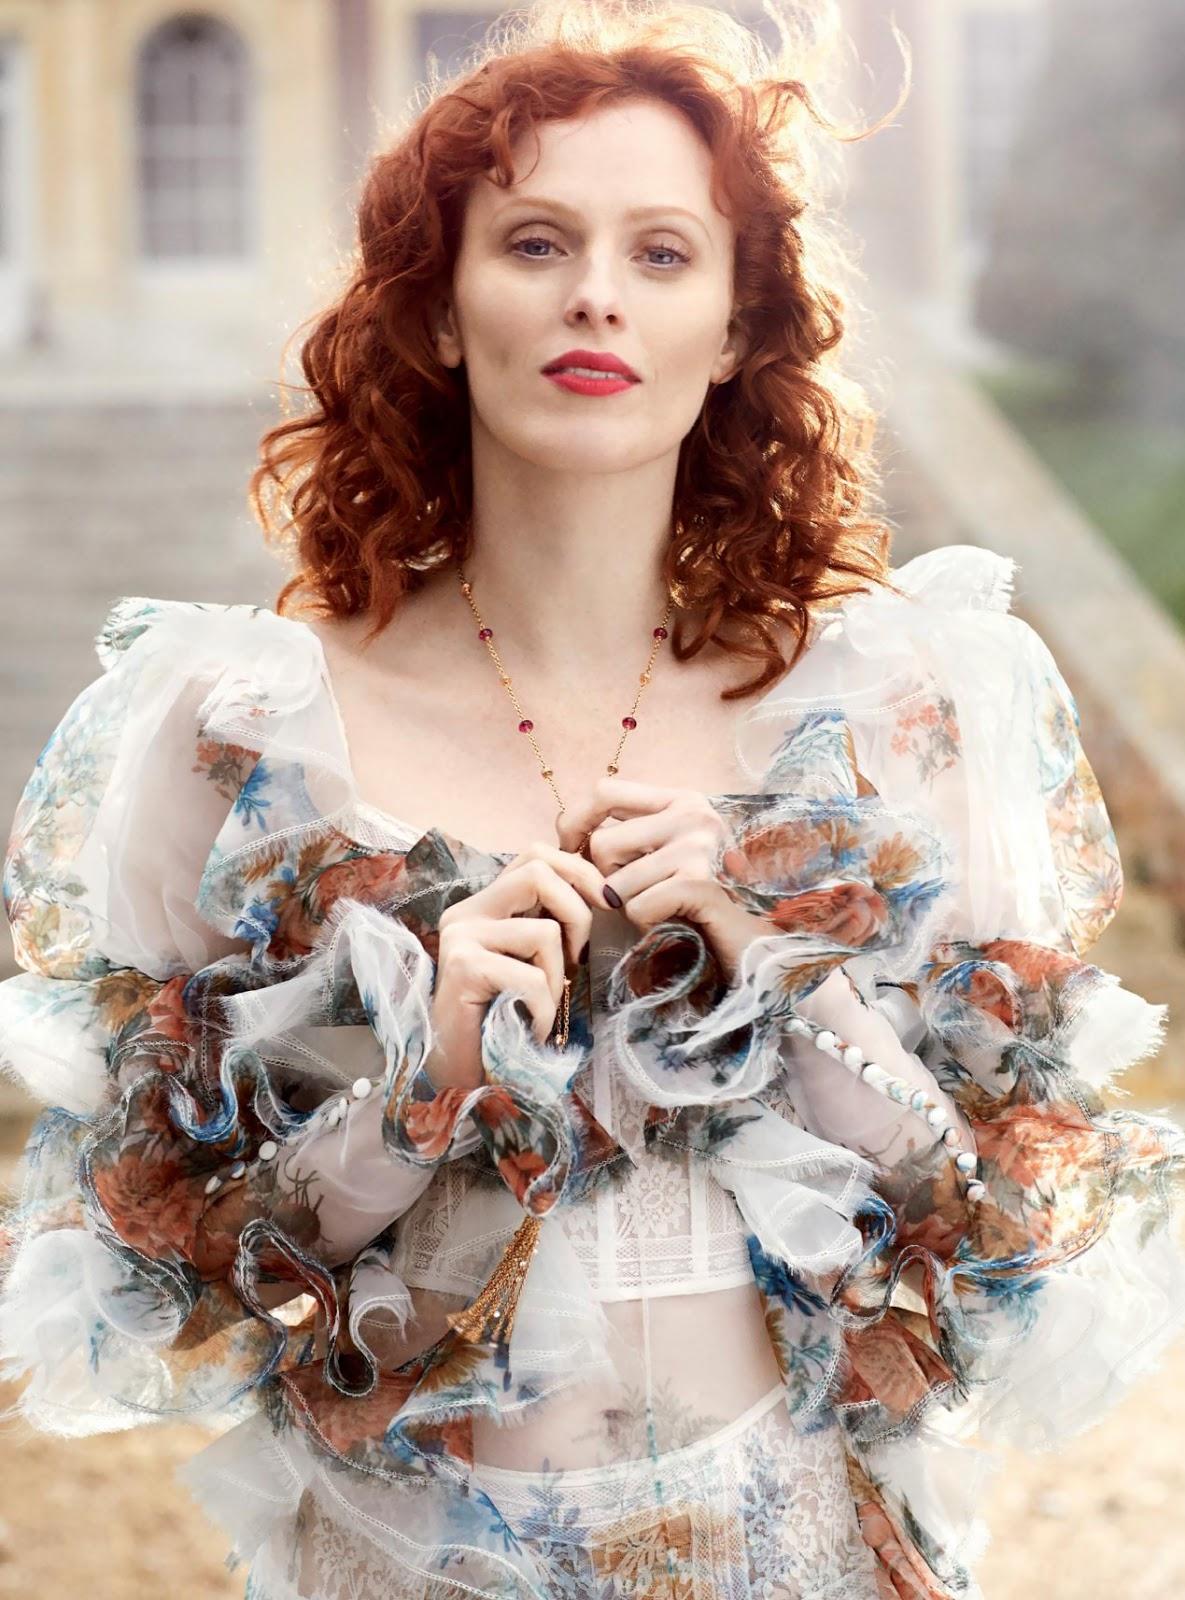 Harper's Bazaar UK June 2017 / модель Karen Elson фотограф Richard Phibbs